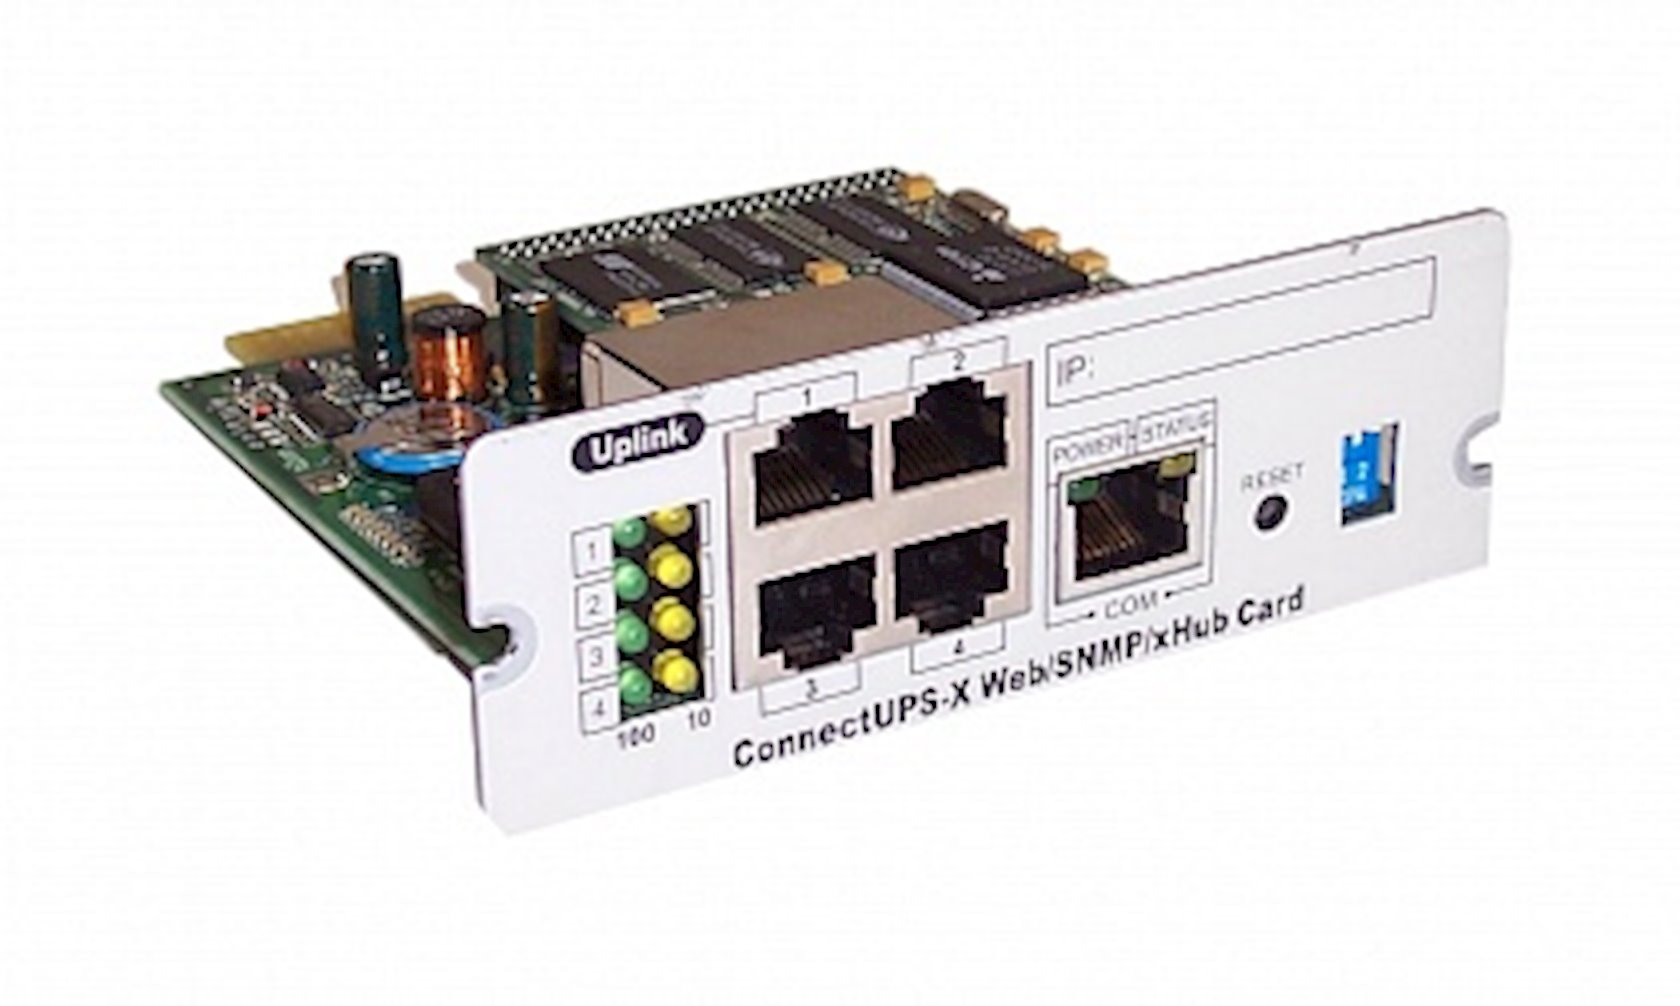 Şəbəkə kartı  Eaton Connect UPS-X Web/SNMP/xHub Card 39J4824